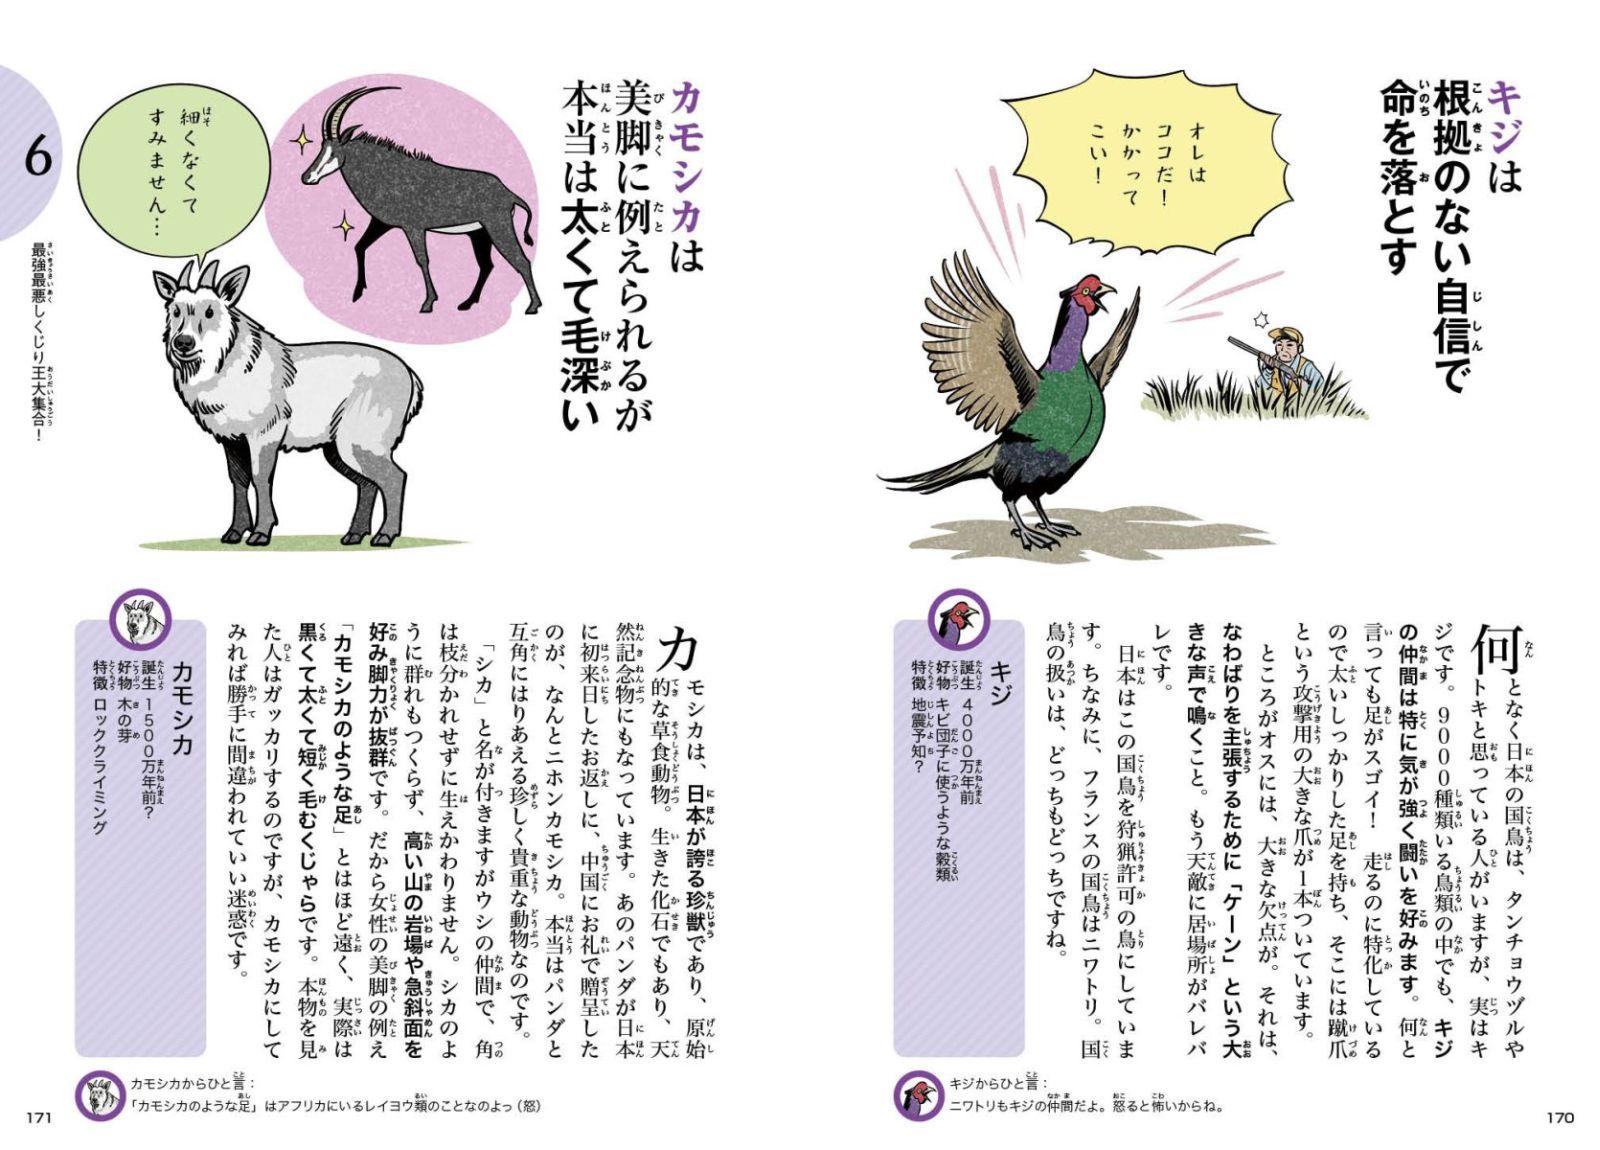 楽天ブックス: しくじり動物大集合 - 進化に失敗したポンコツな動物たち